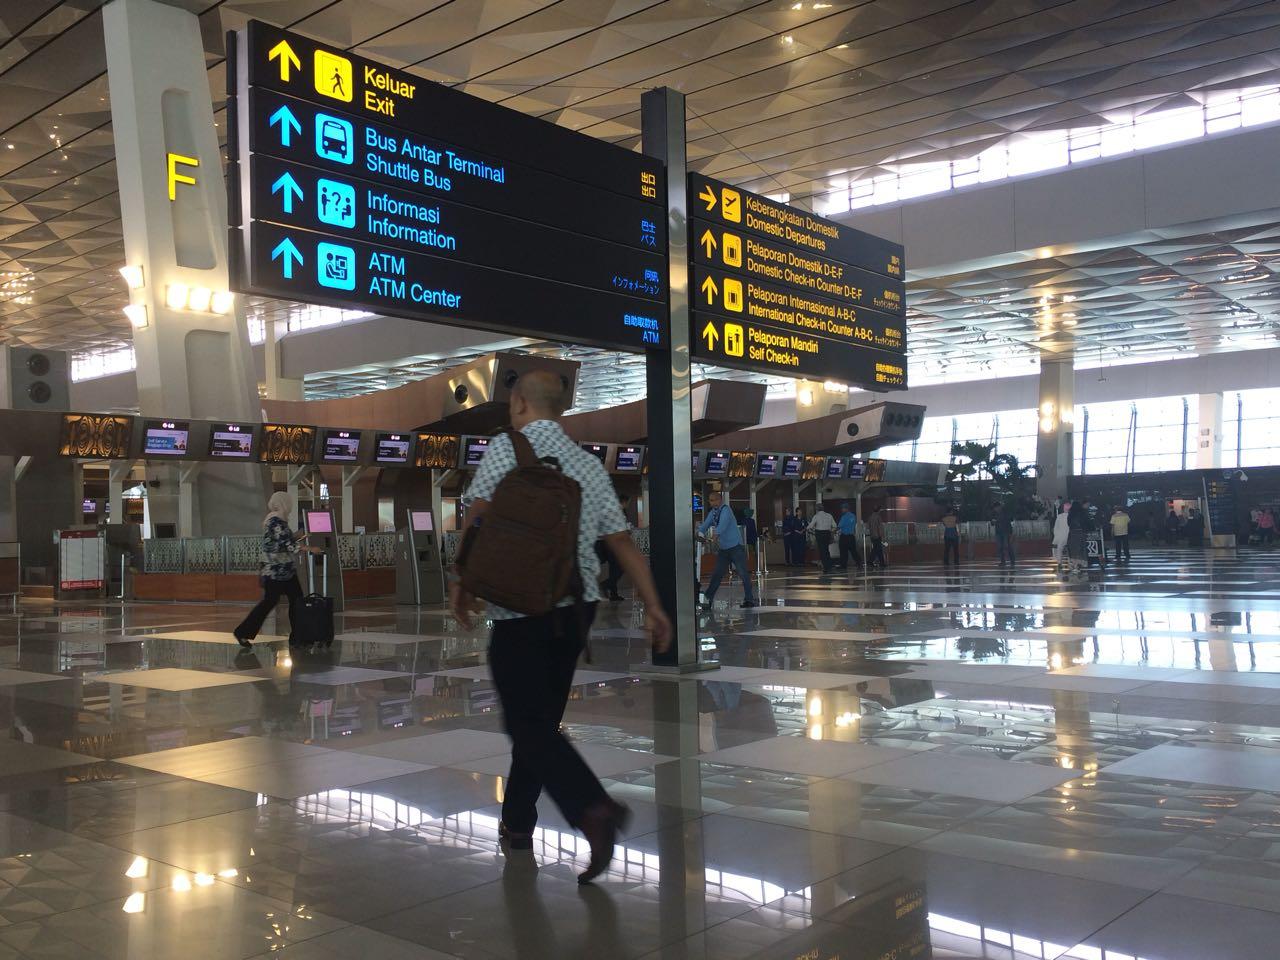 https: img.okezone.com content 2020 12 30 320 2336366 naik-5-rata-rata-penumpang-di-15-bandara-capai-102-541-di-libur-natal-tnz2CYP49Q.jpg